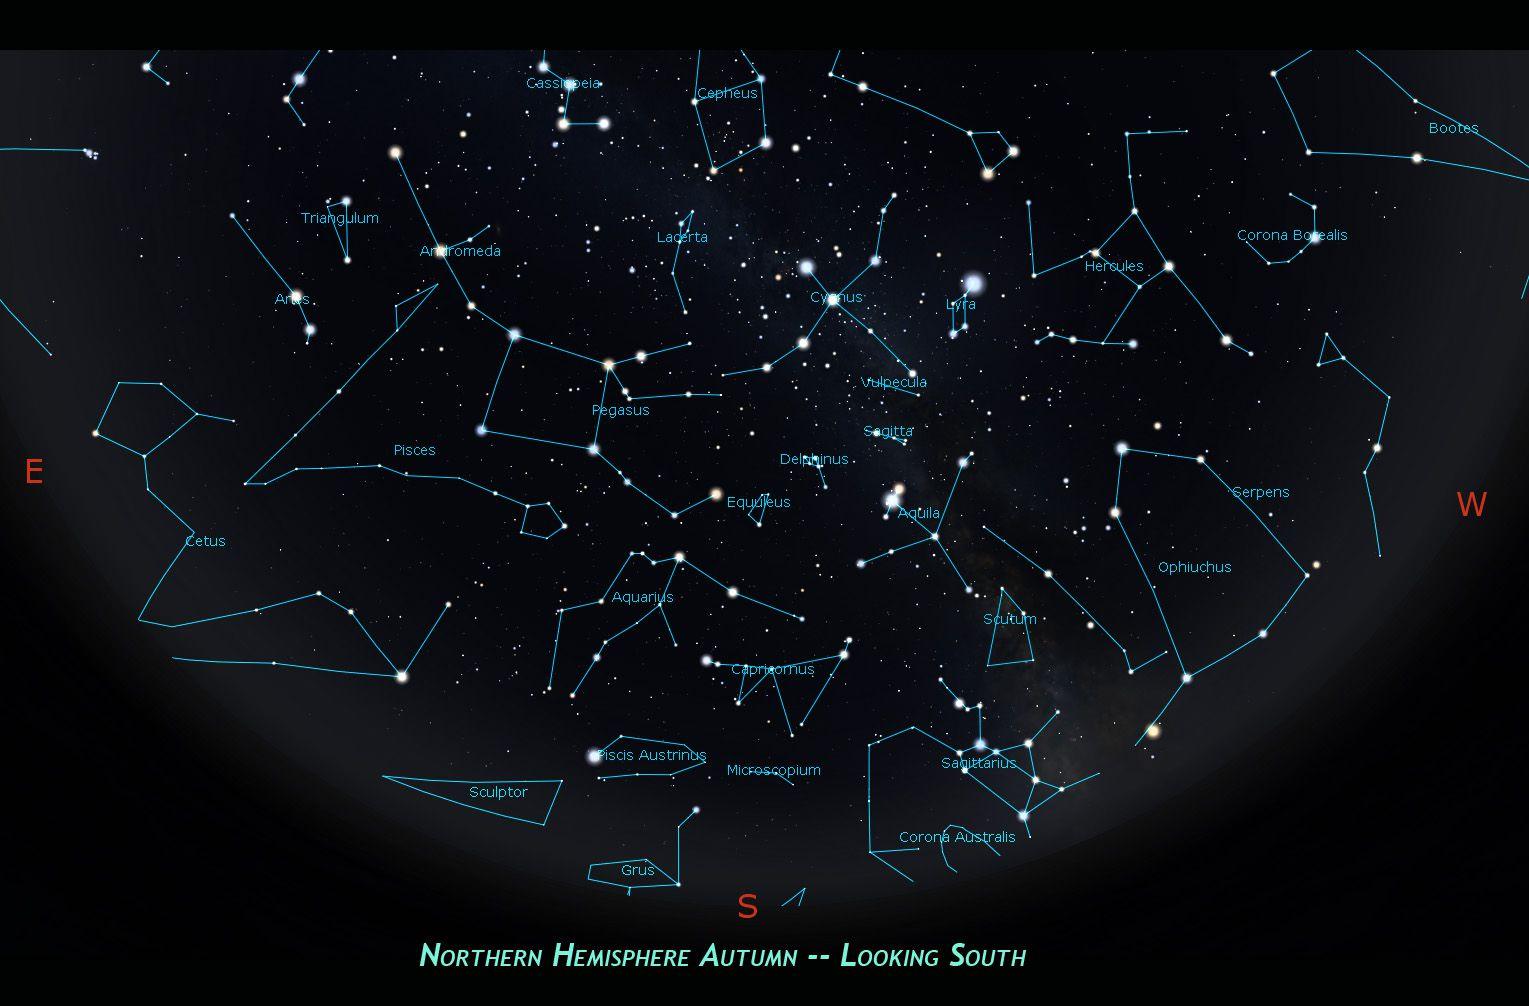 под копирку все созвездия фото и названия солнечной системы несколько